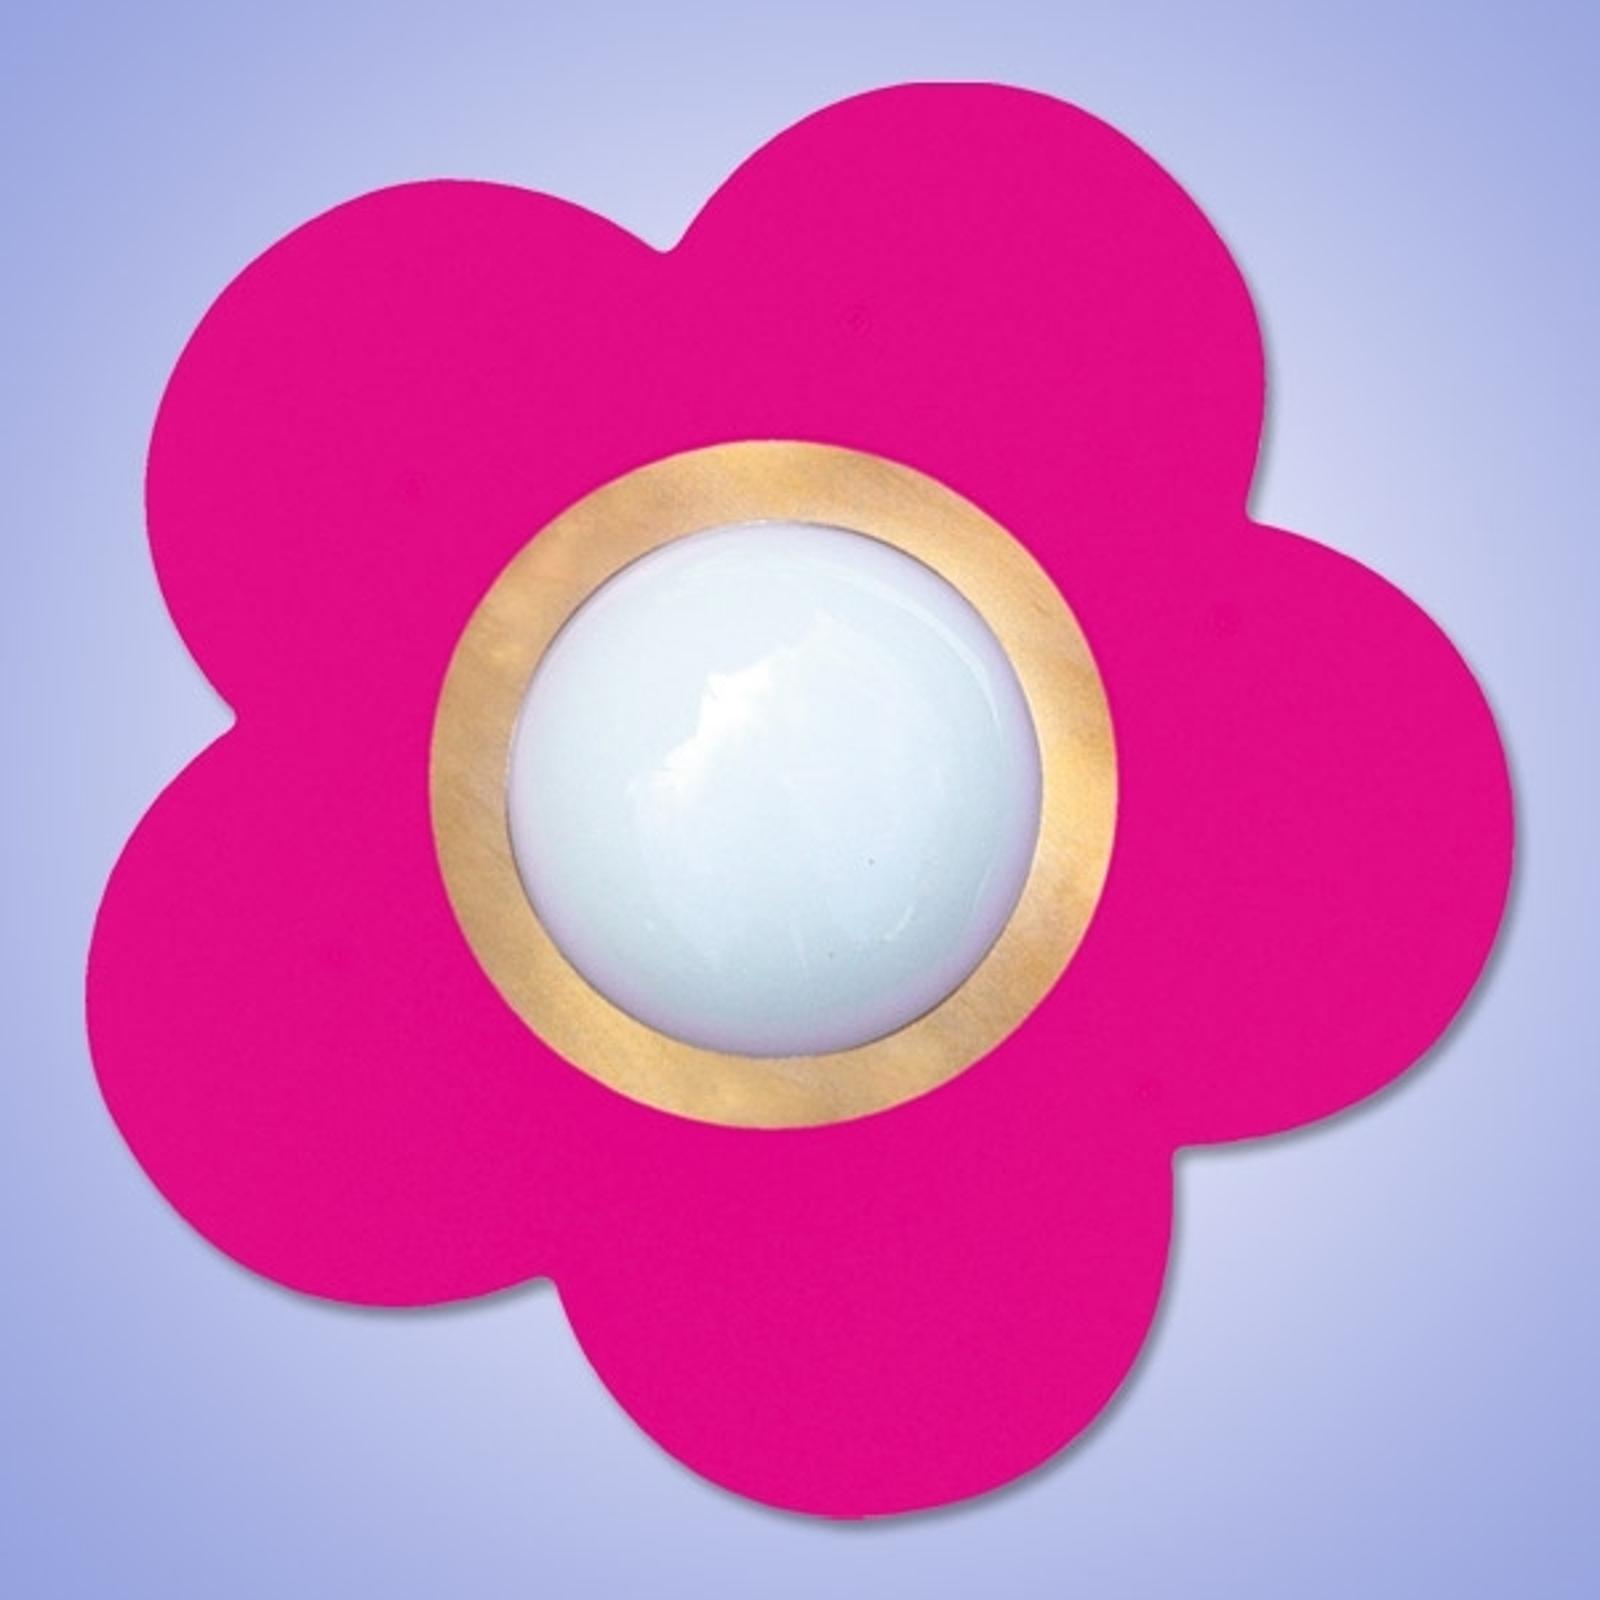 Decoratieve plafondlamp PETIT FLEUR, zuurst.